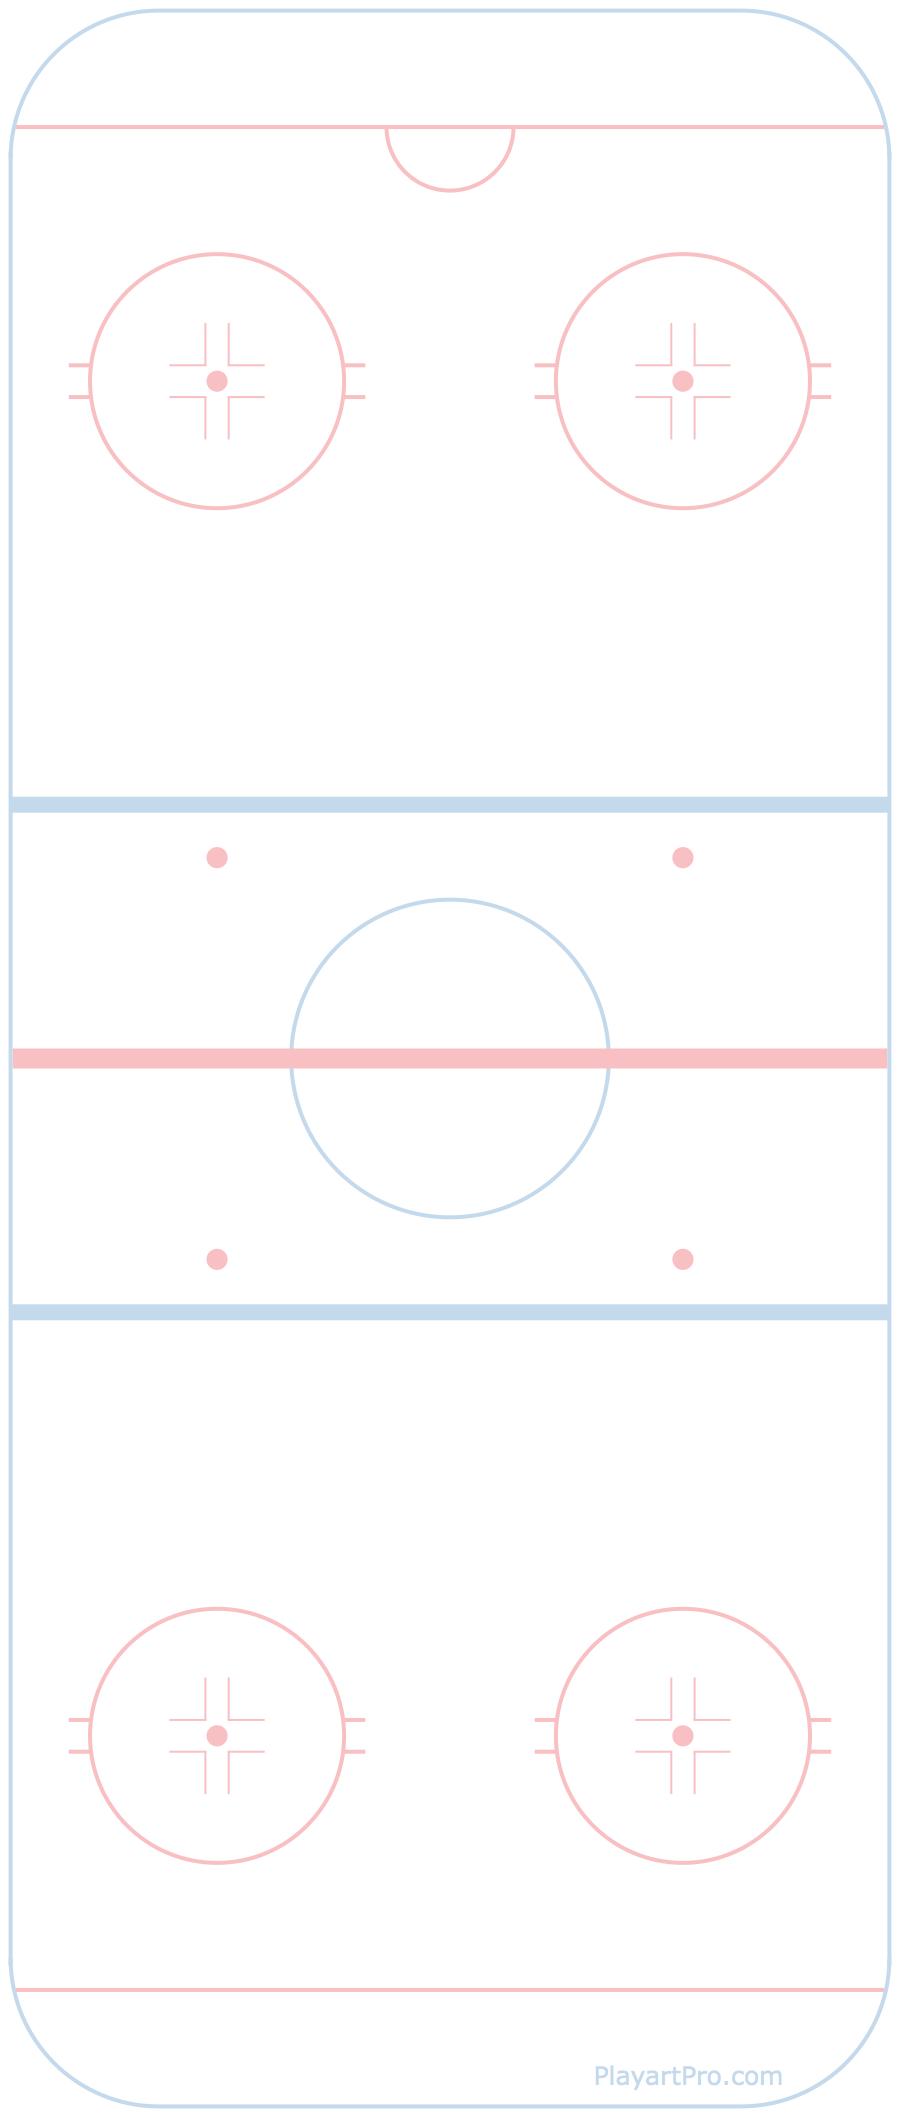 HockeyFull